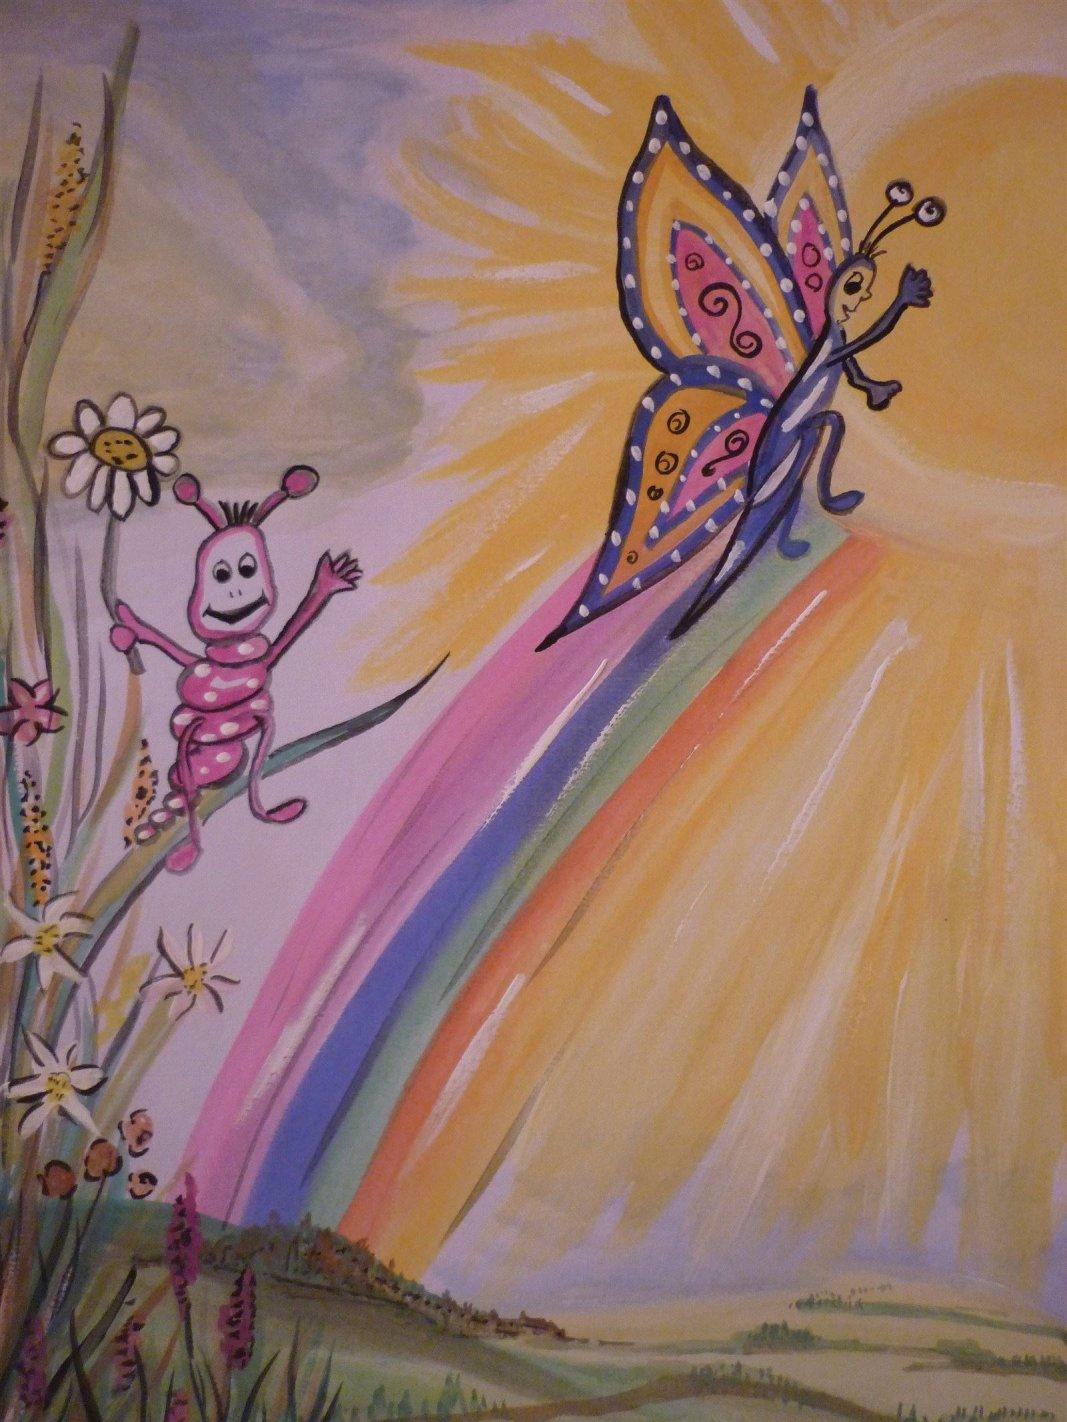 ...Farben des Regenbogens, Weg zum Himmel-Kunsttherapie